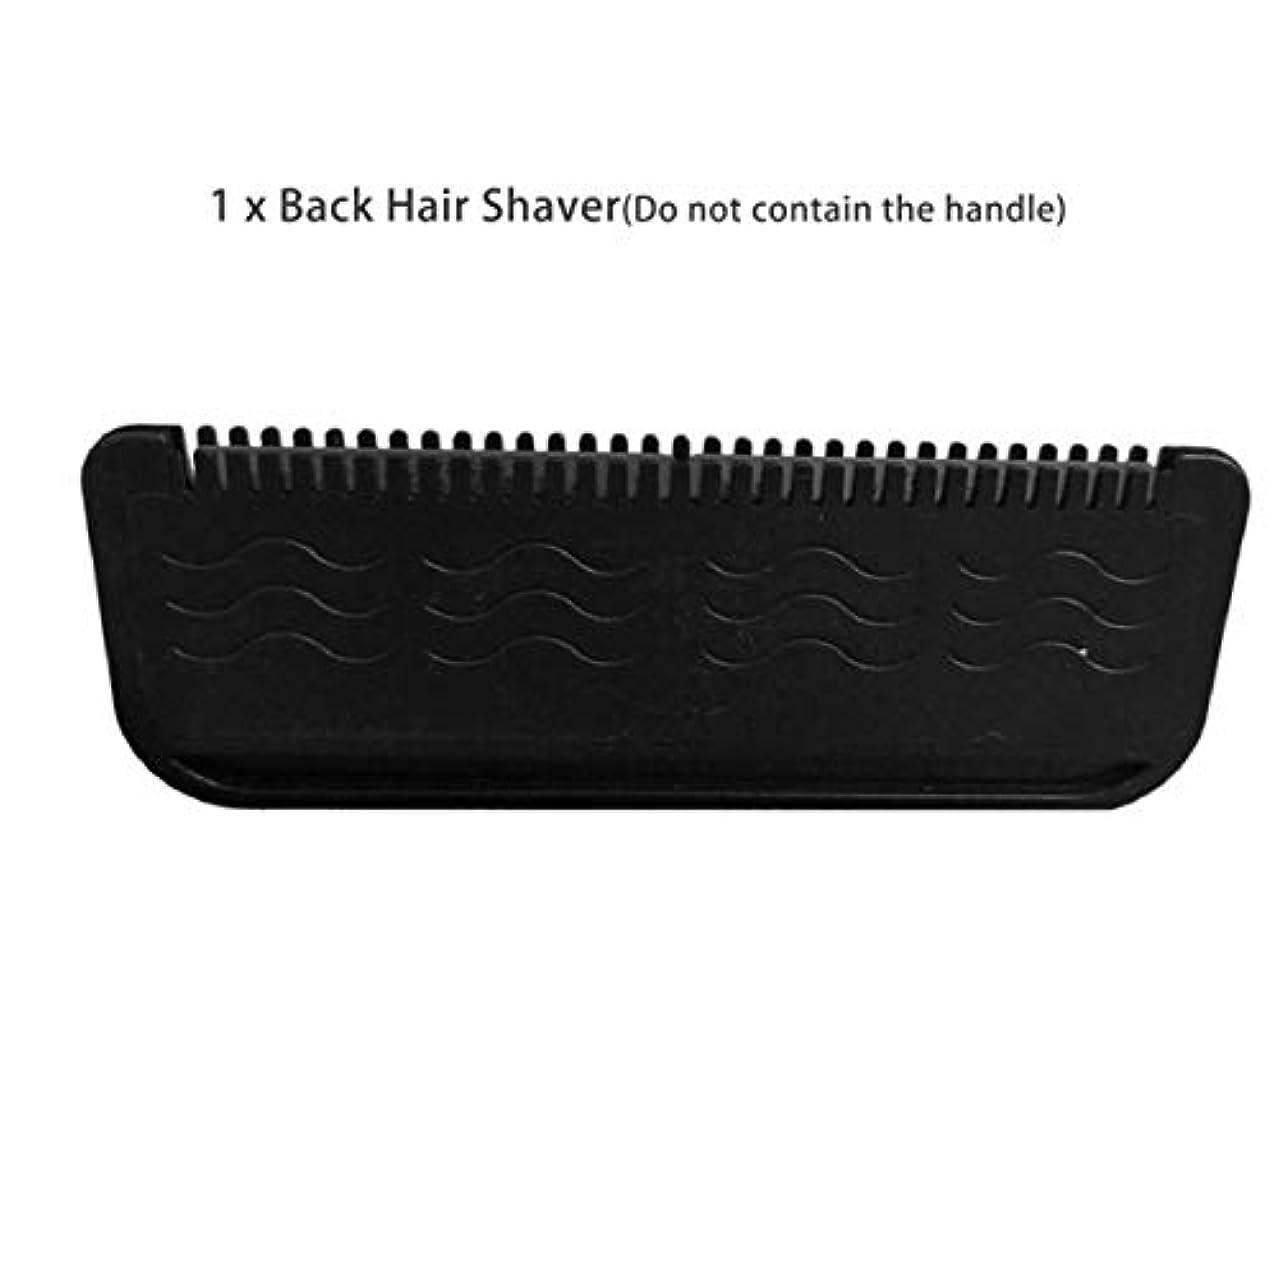 差別するまさにアウターマニュアルバックヘアシェーバーステンレスブレードカミソリ痛みのない除毛ブレードボディヘアケアシェービングカミソリ男性用-青&黒